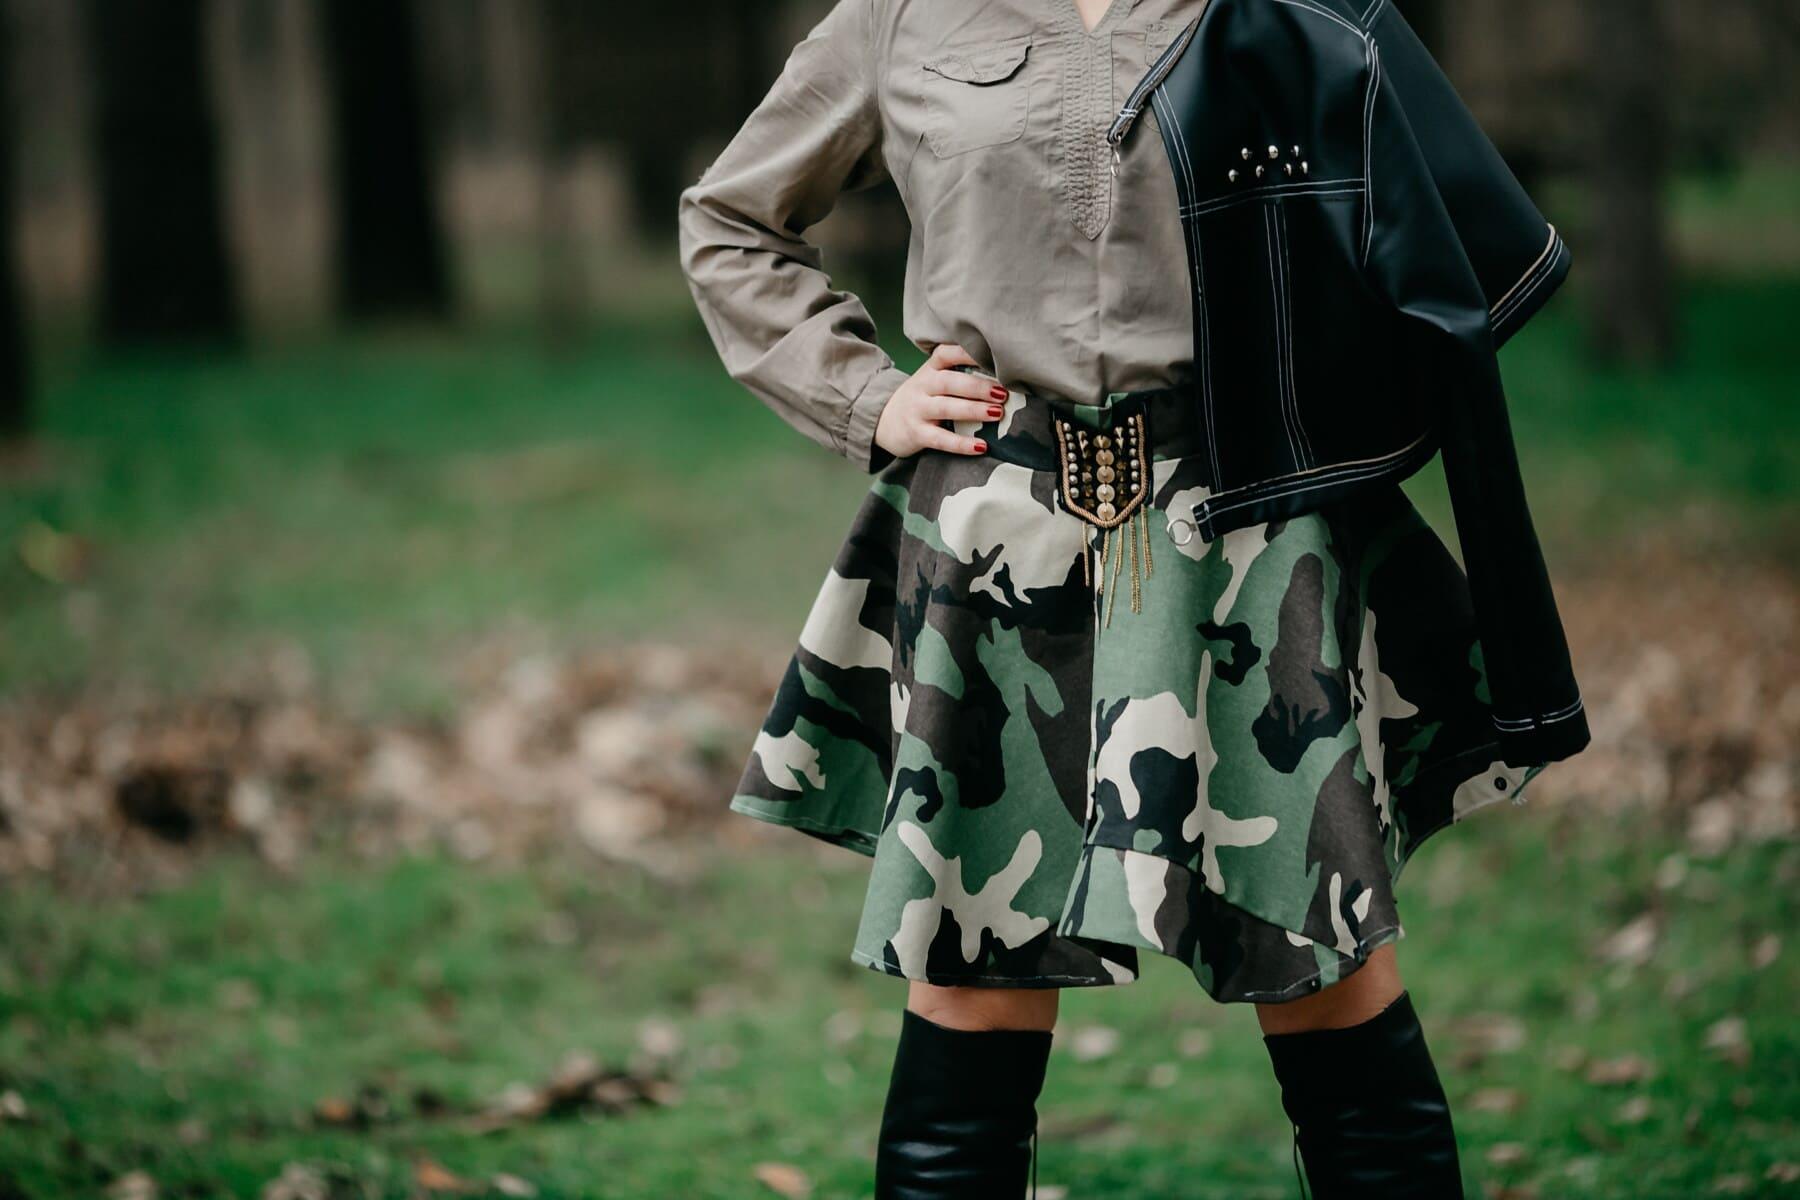 στρατιωτική, Μόδα, νεαρή γυναίκα, σακάκι, μαύρο, μπότες, δέρμα, στέκεται, θέτοντας, κορίτσι